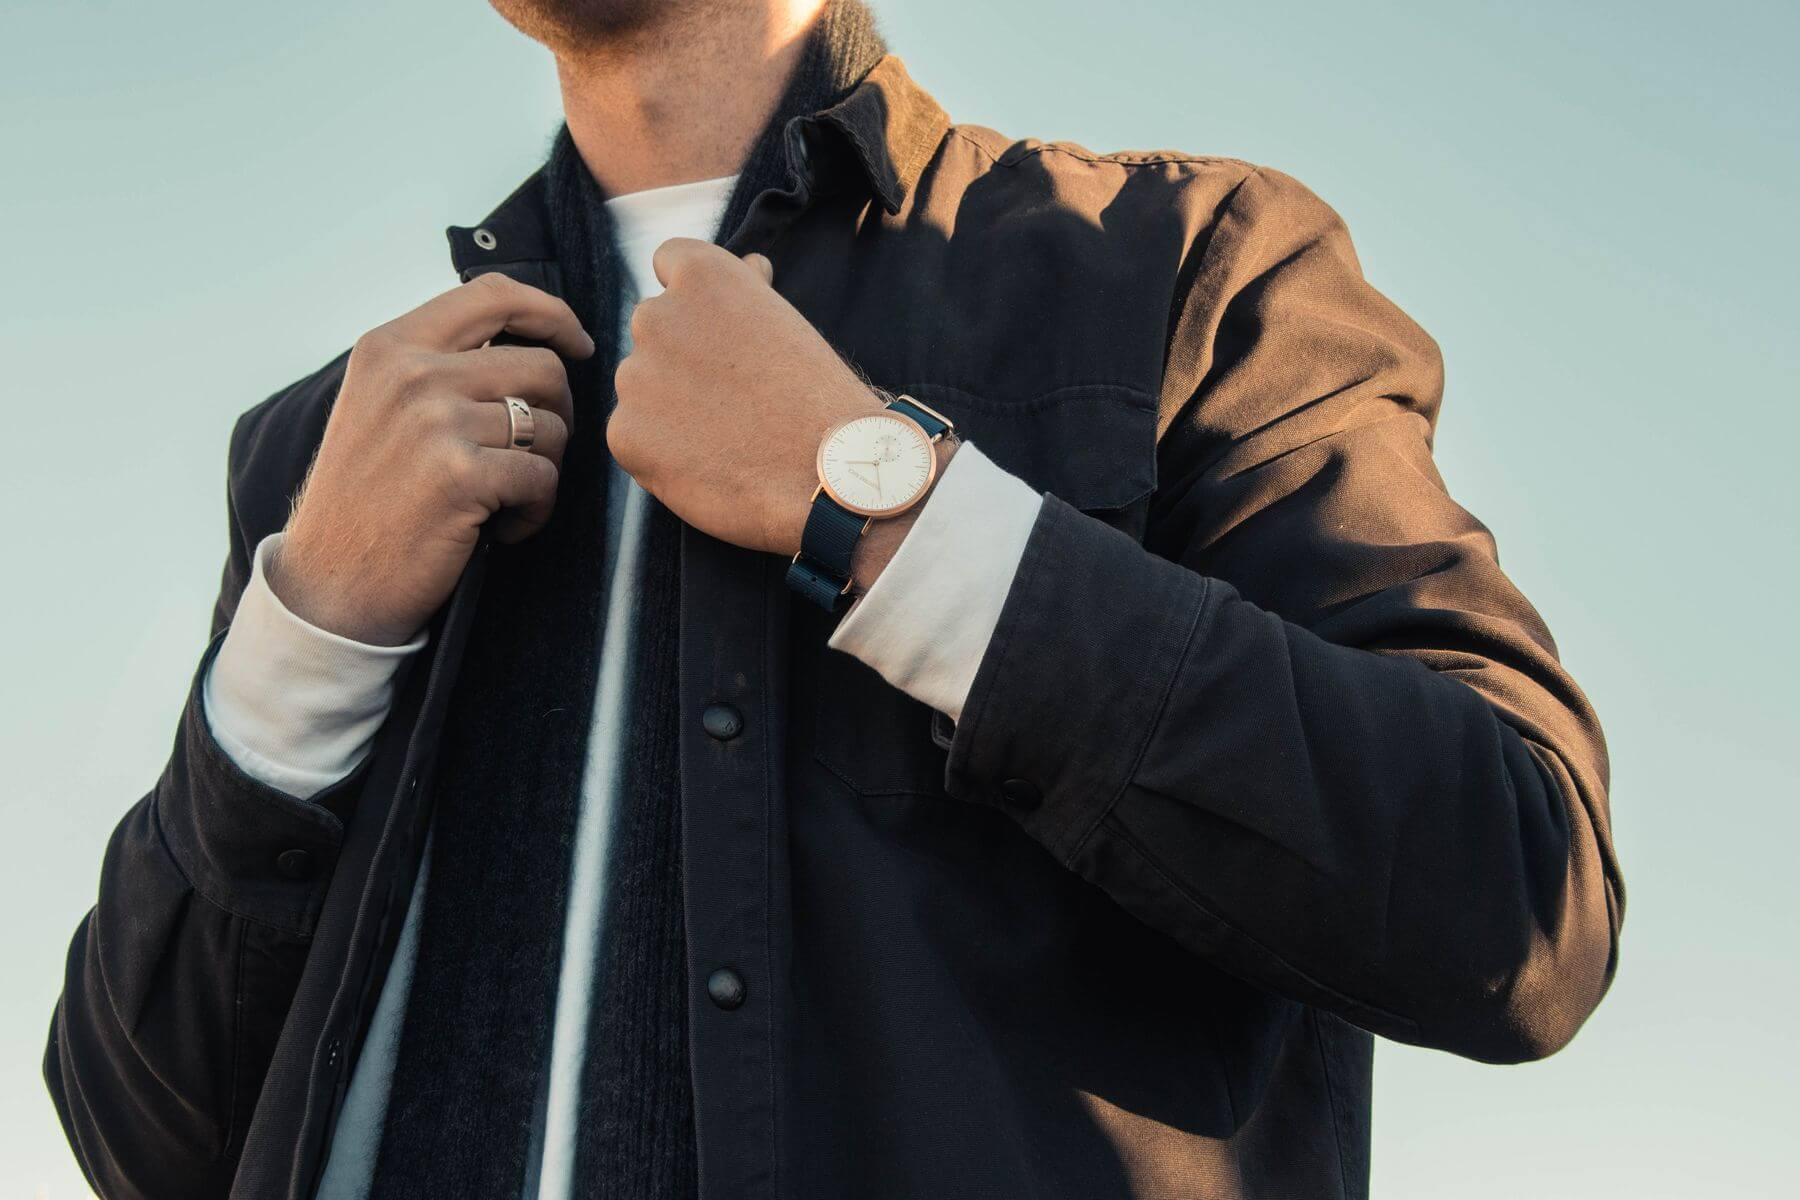 Jaki mechanizm w zegarku będzie najlepszy – mechaniczny czy kwarcowy?